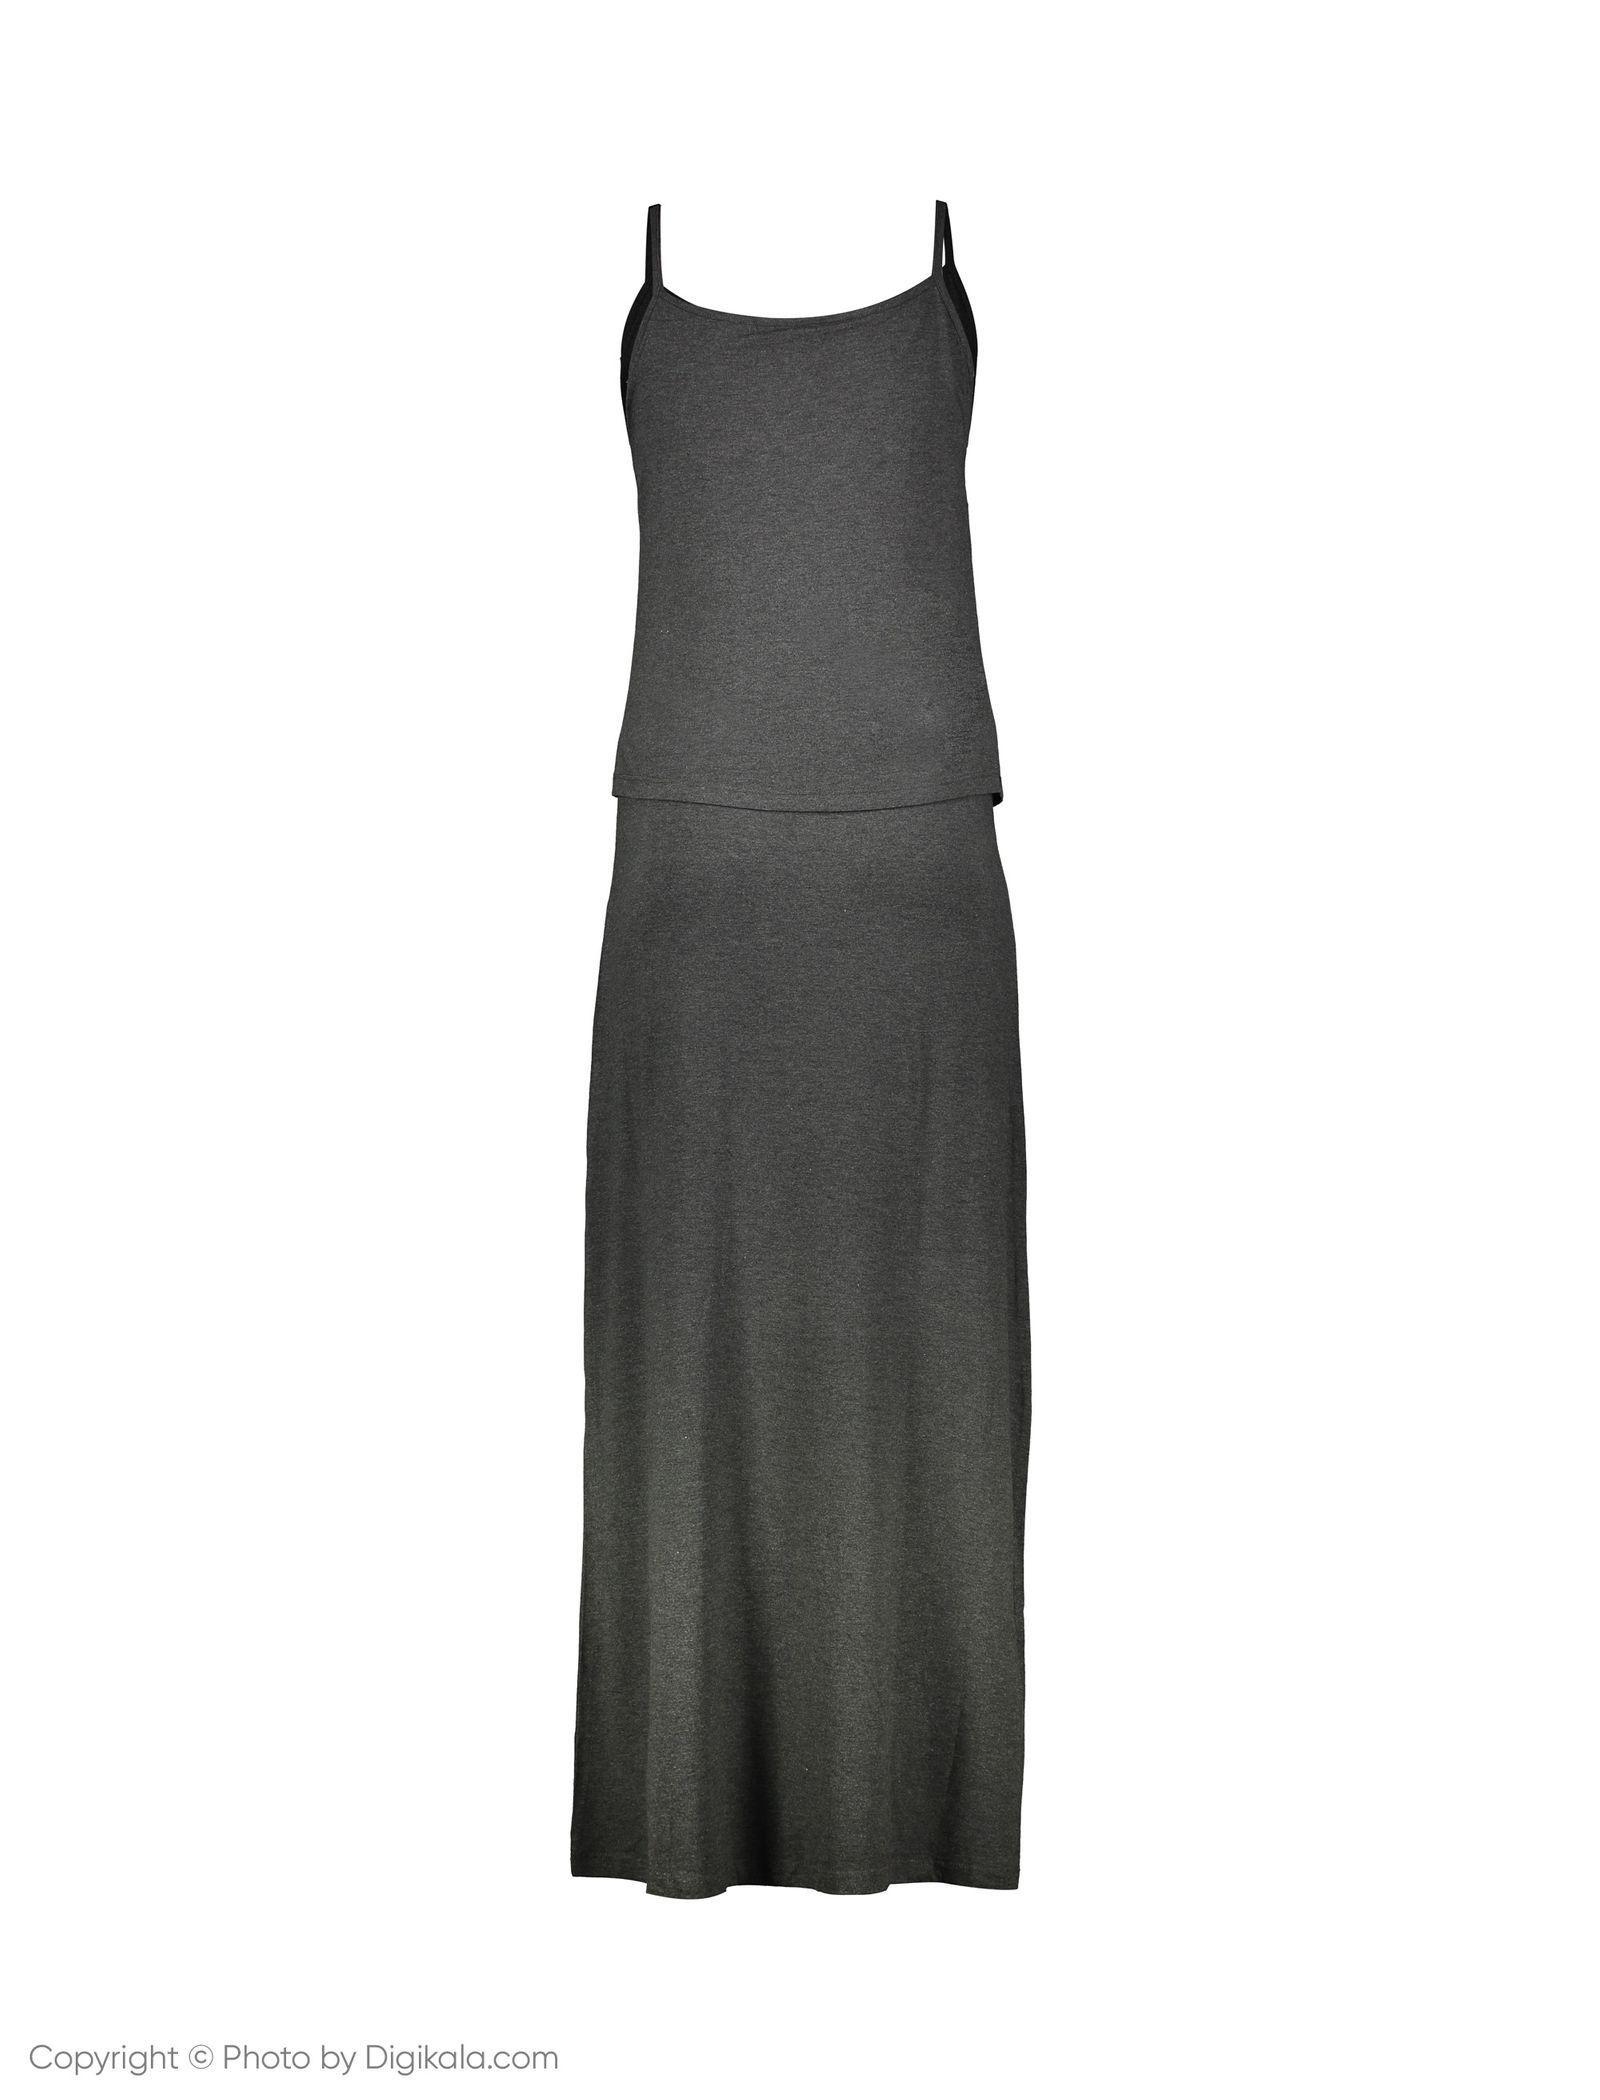 پیراهن زنانه گارودی مدل 1003105015-08 -  - 3